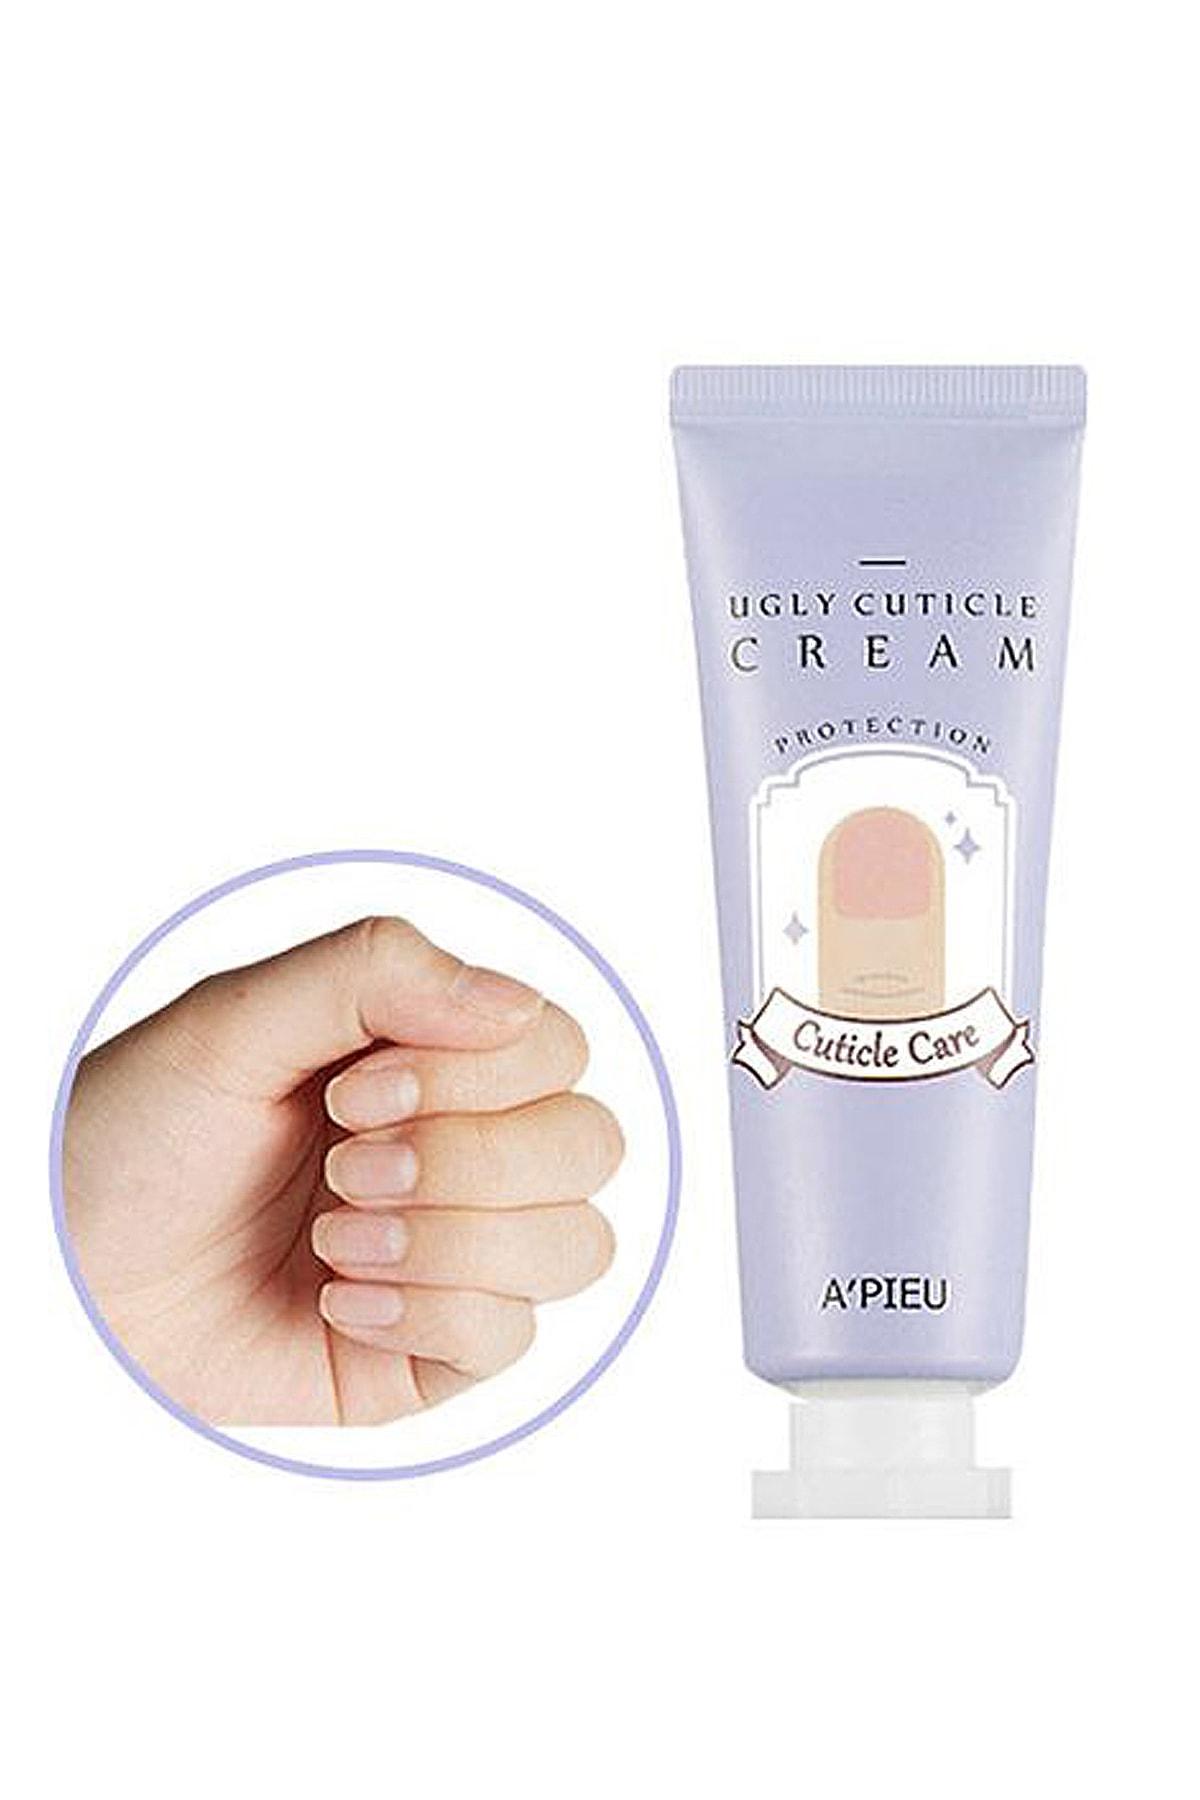 Missha Yıpranmış Ve Kurumuş Tırnak Dipleri İçin Bakım Kremi 10ml APIEU Ugly Cuticle Cream 0